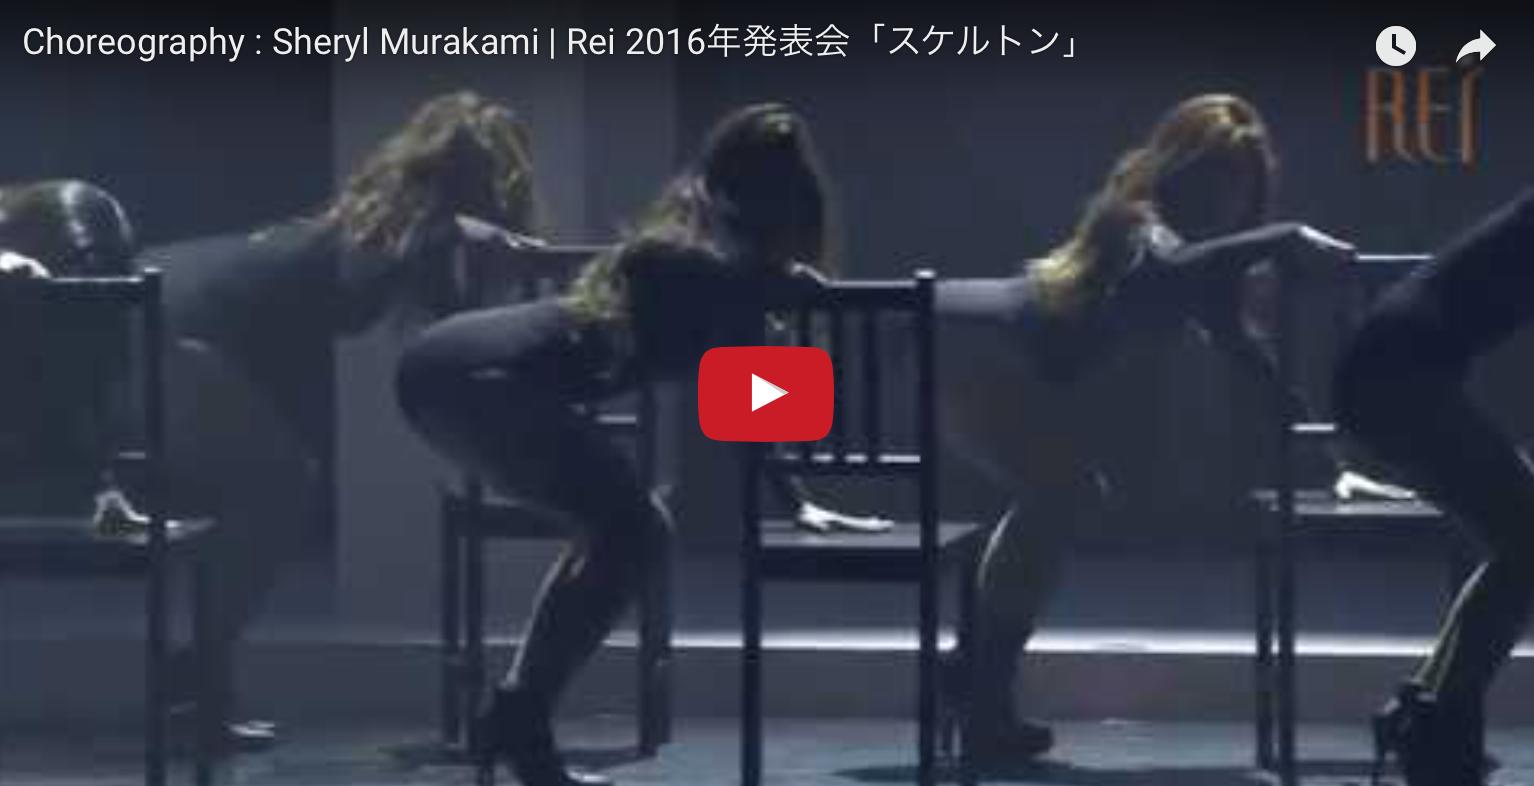 シンプルがこんなにもカッコイイものなのか、、、Sheryl Murakami コレオ作品動画アップ!!